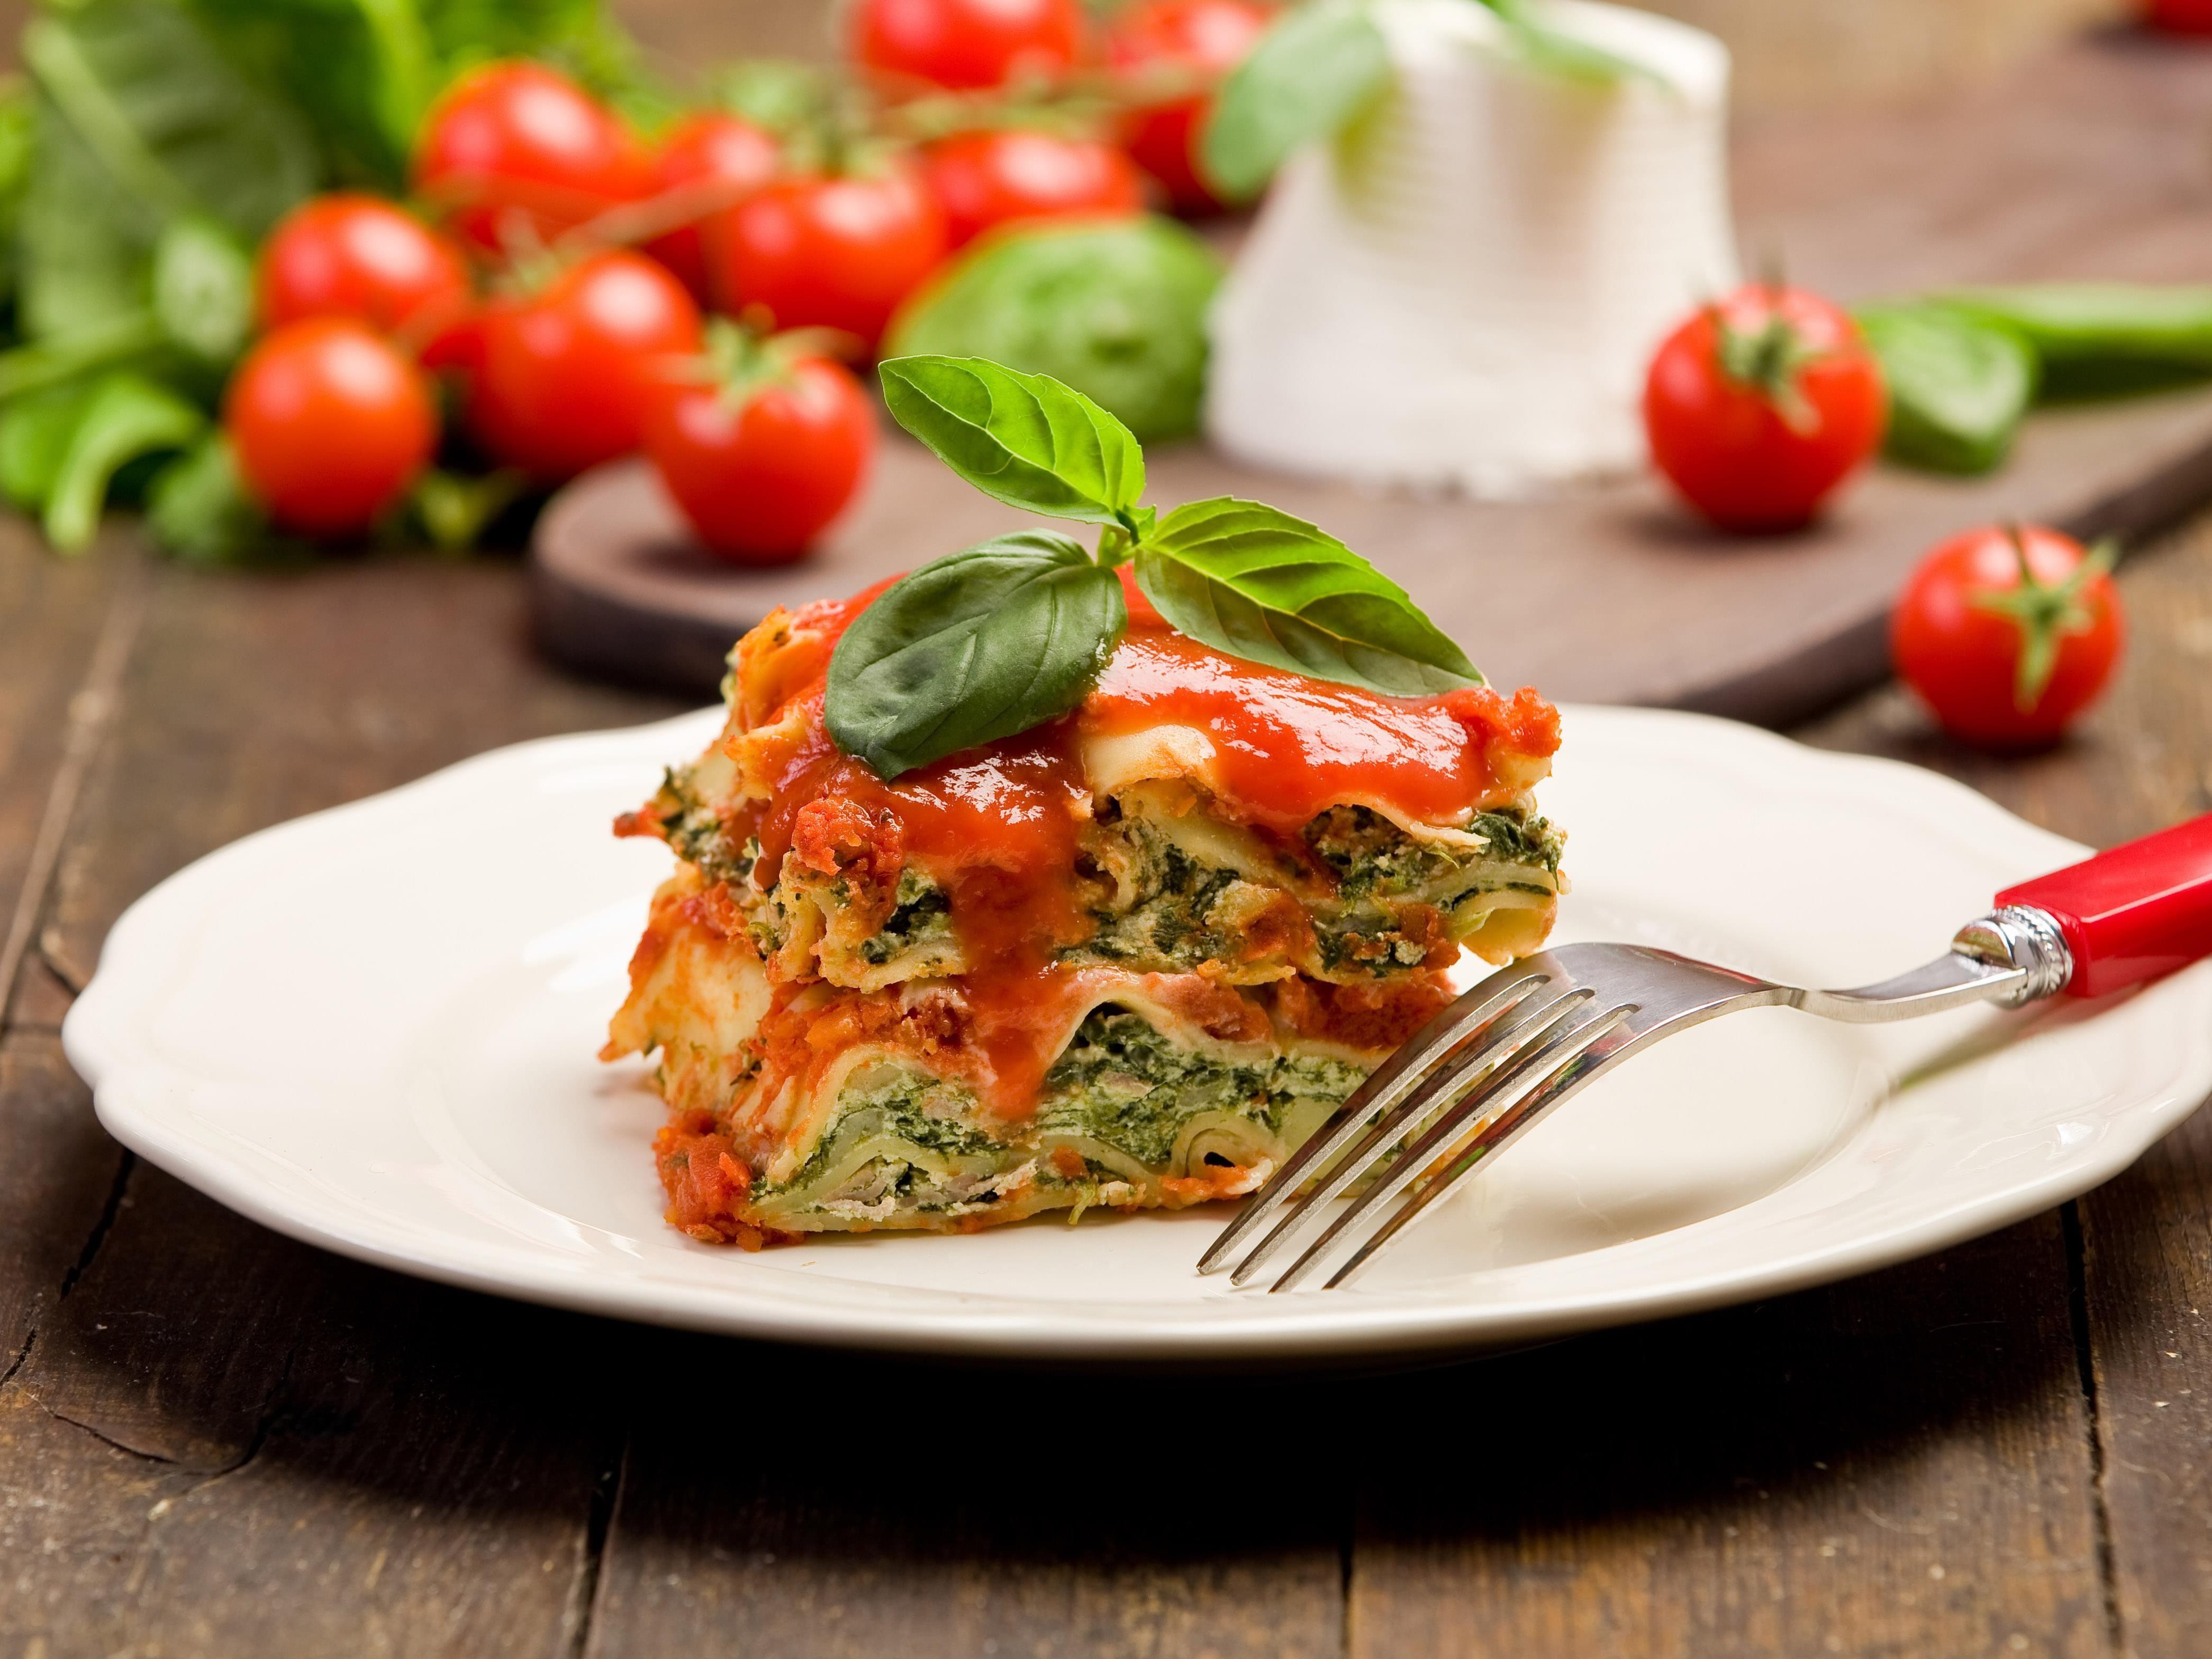 Recette Lasagne végétarienne à la mijoteuse Recipe